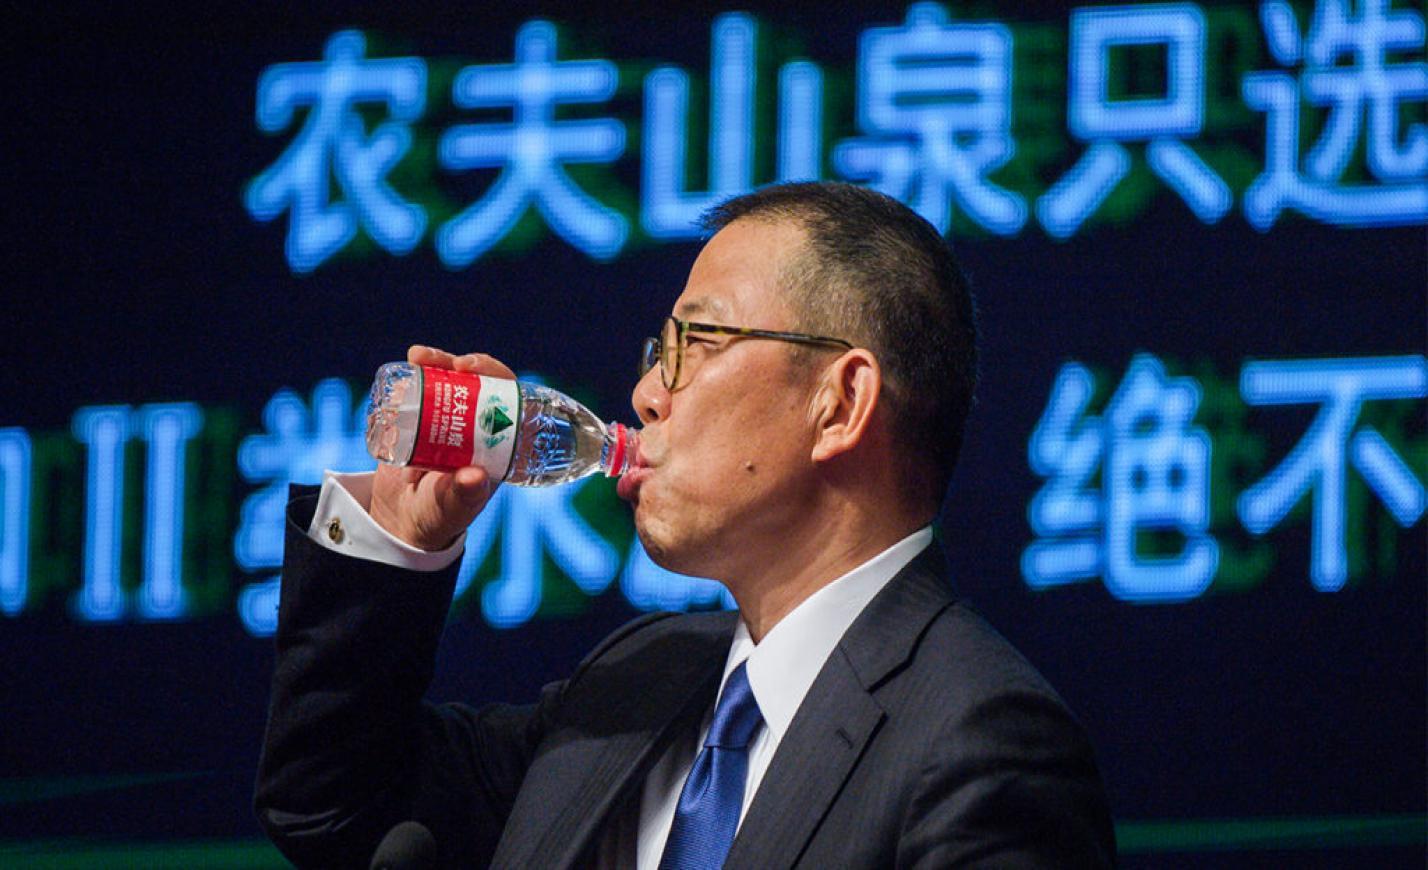 Ázsia leggazdagabb embere: a kínai, aki vízből fakaszt aranyat